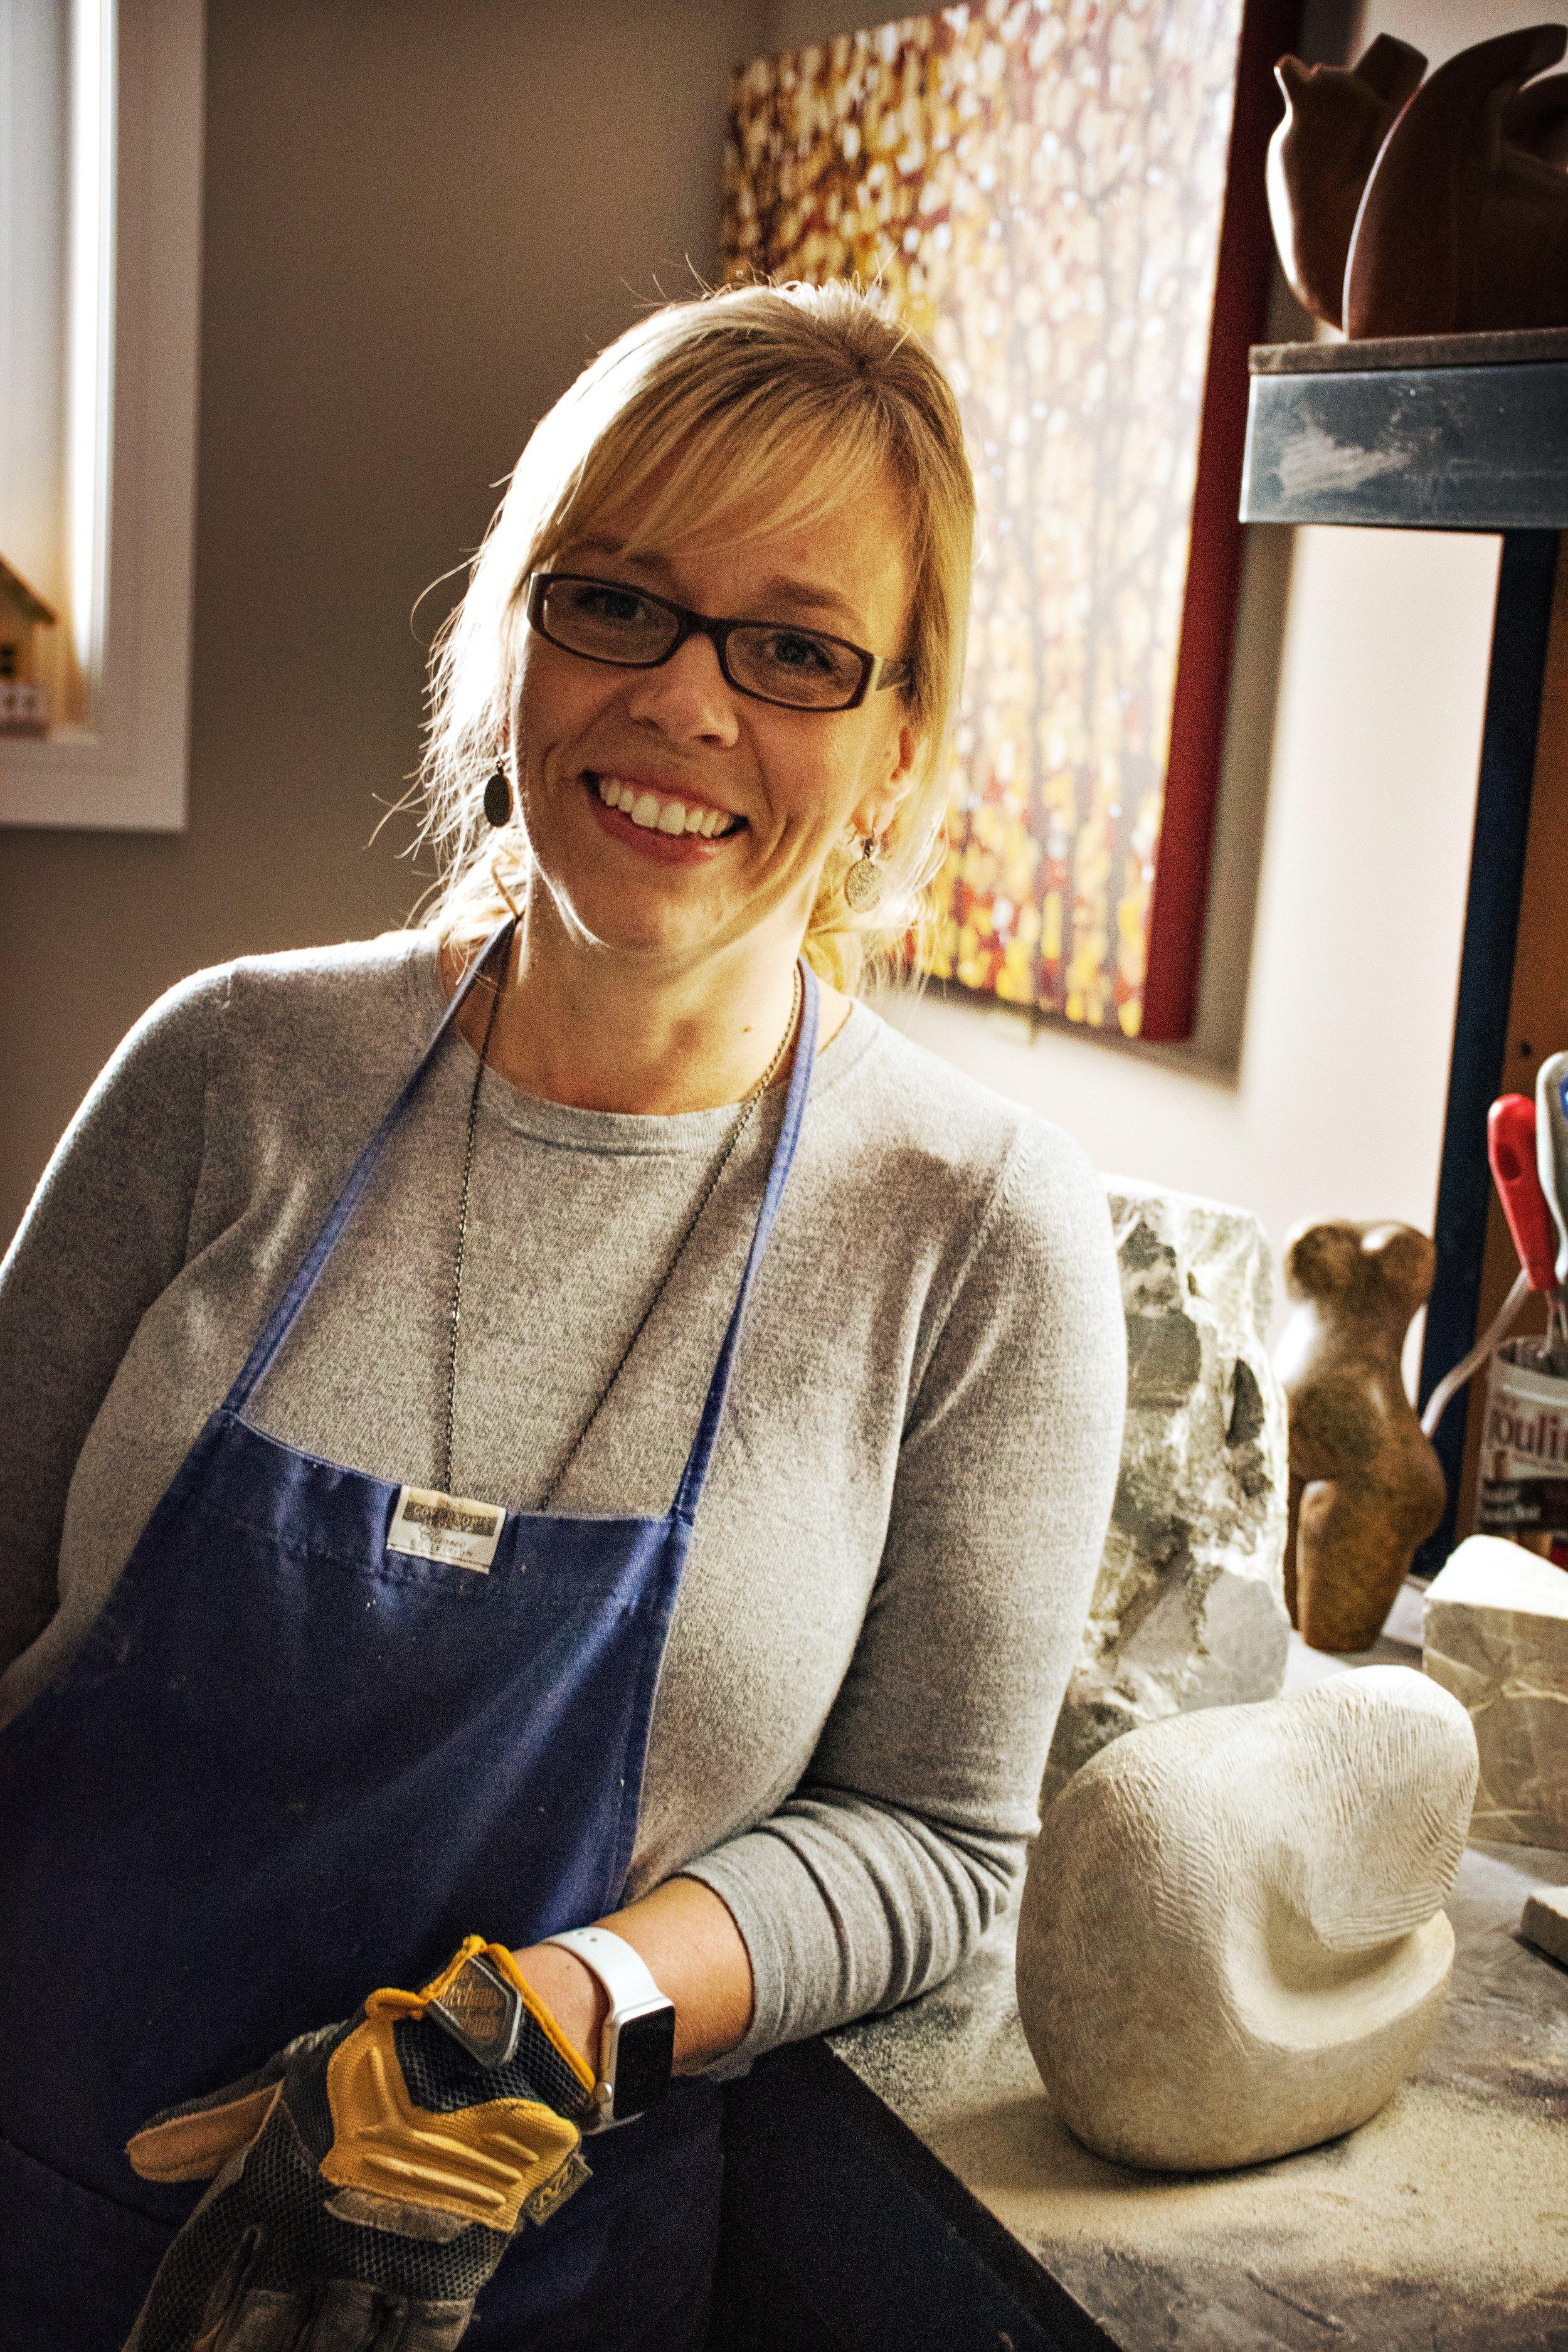 Lisa Douziech in her carving studio.